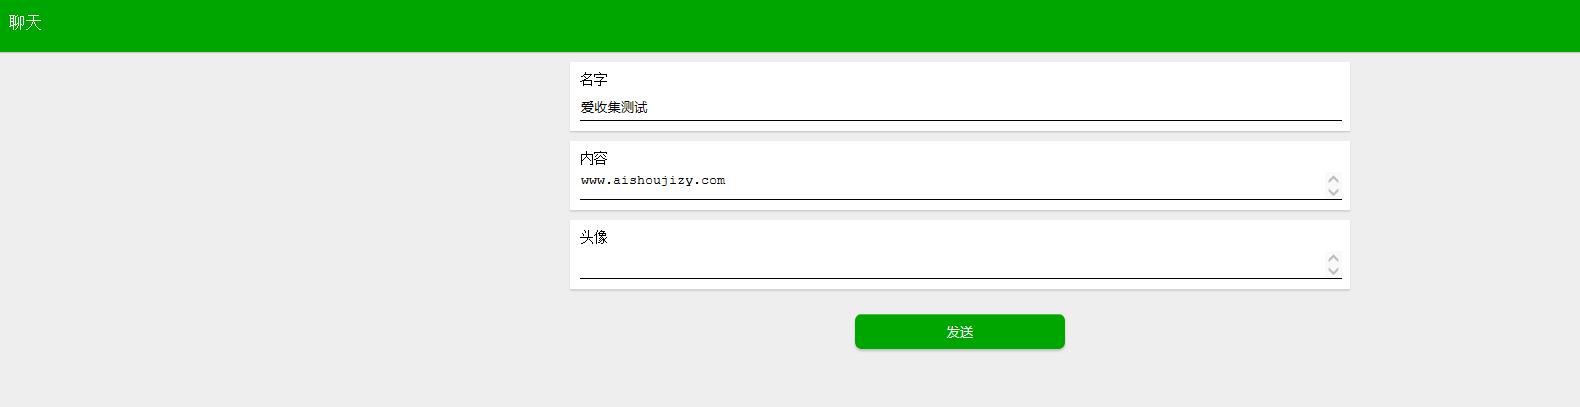 简单在线留言程序网站源码